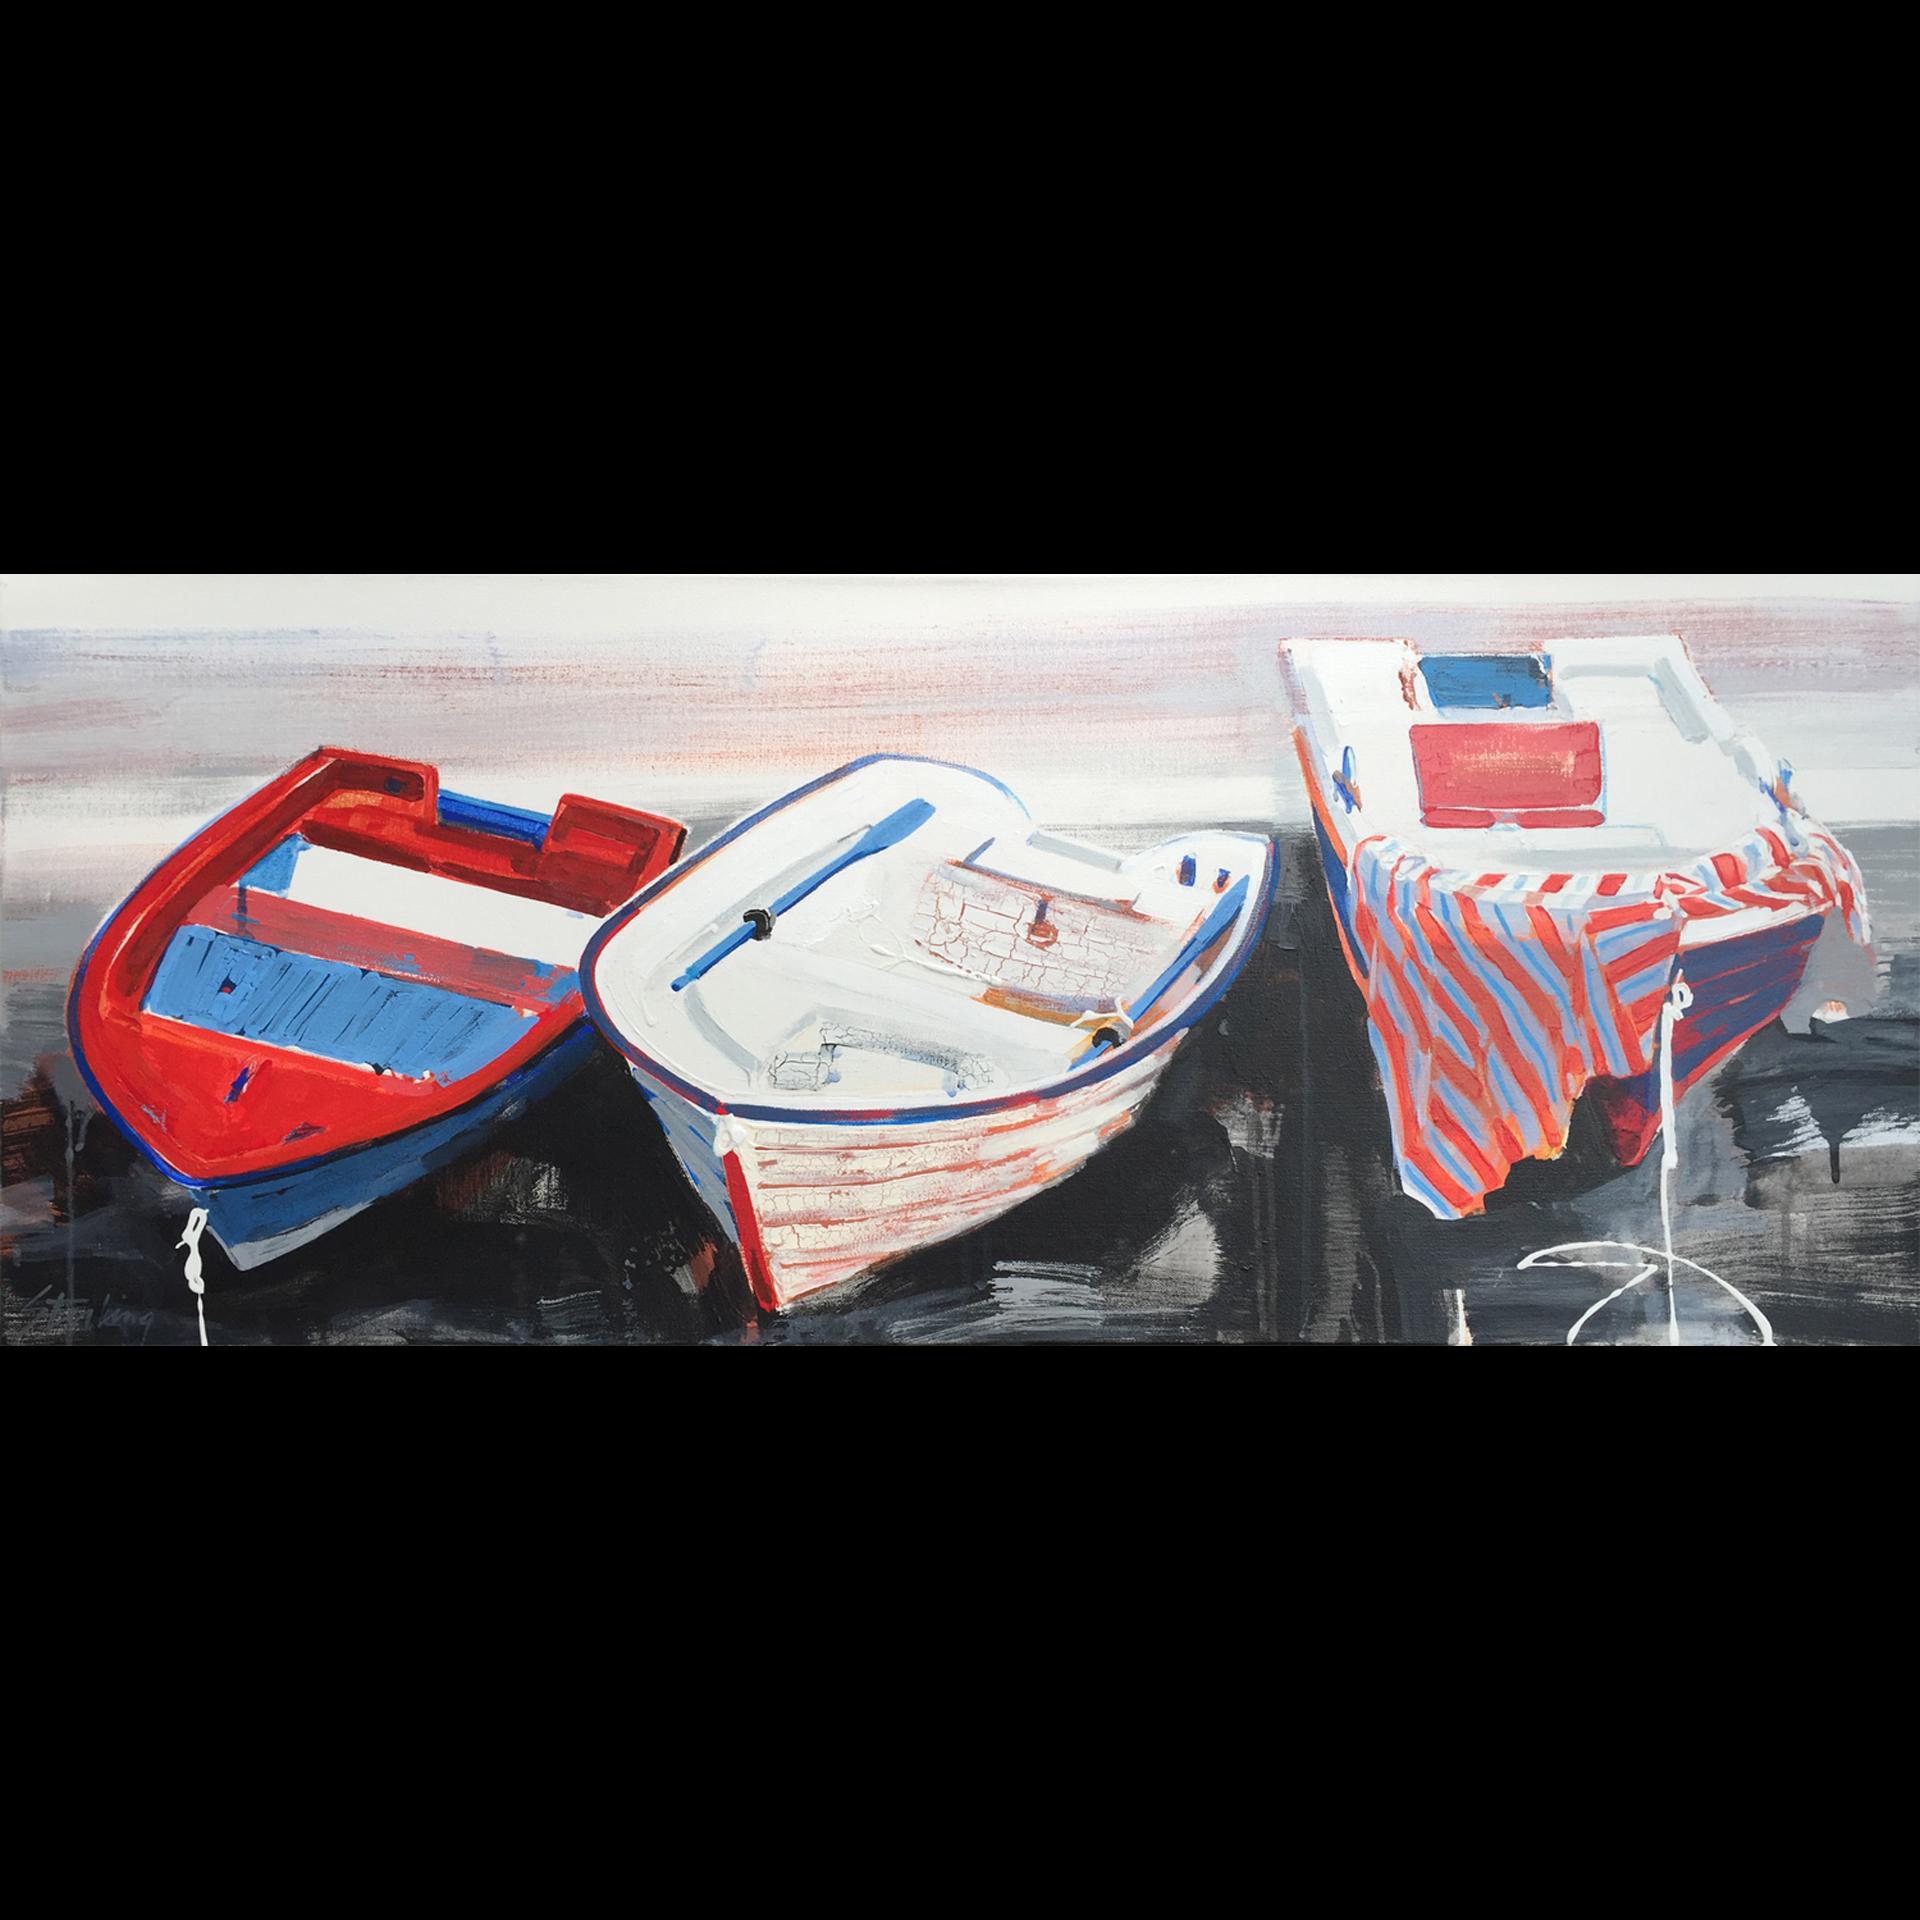 Riposo mixed media on canvas 16x40